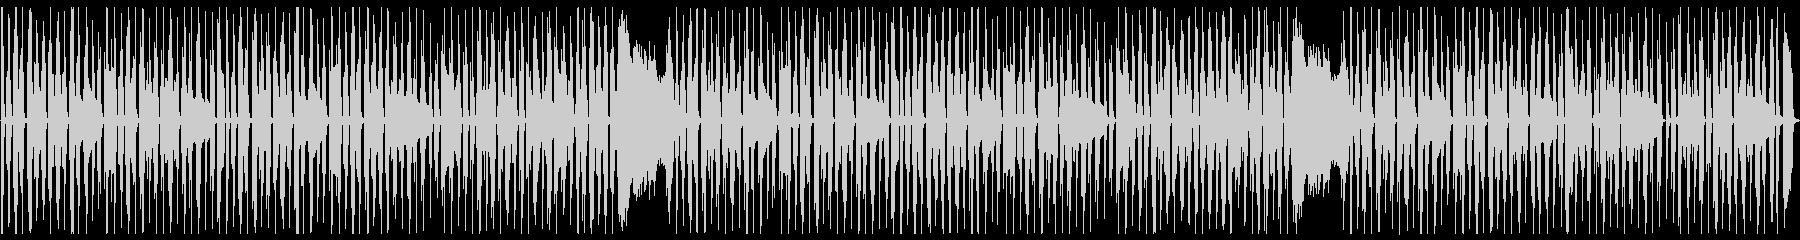 ぐうたらする時に流れている曲の未再生の波形